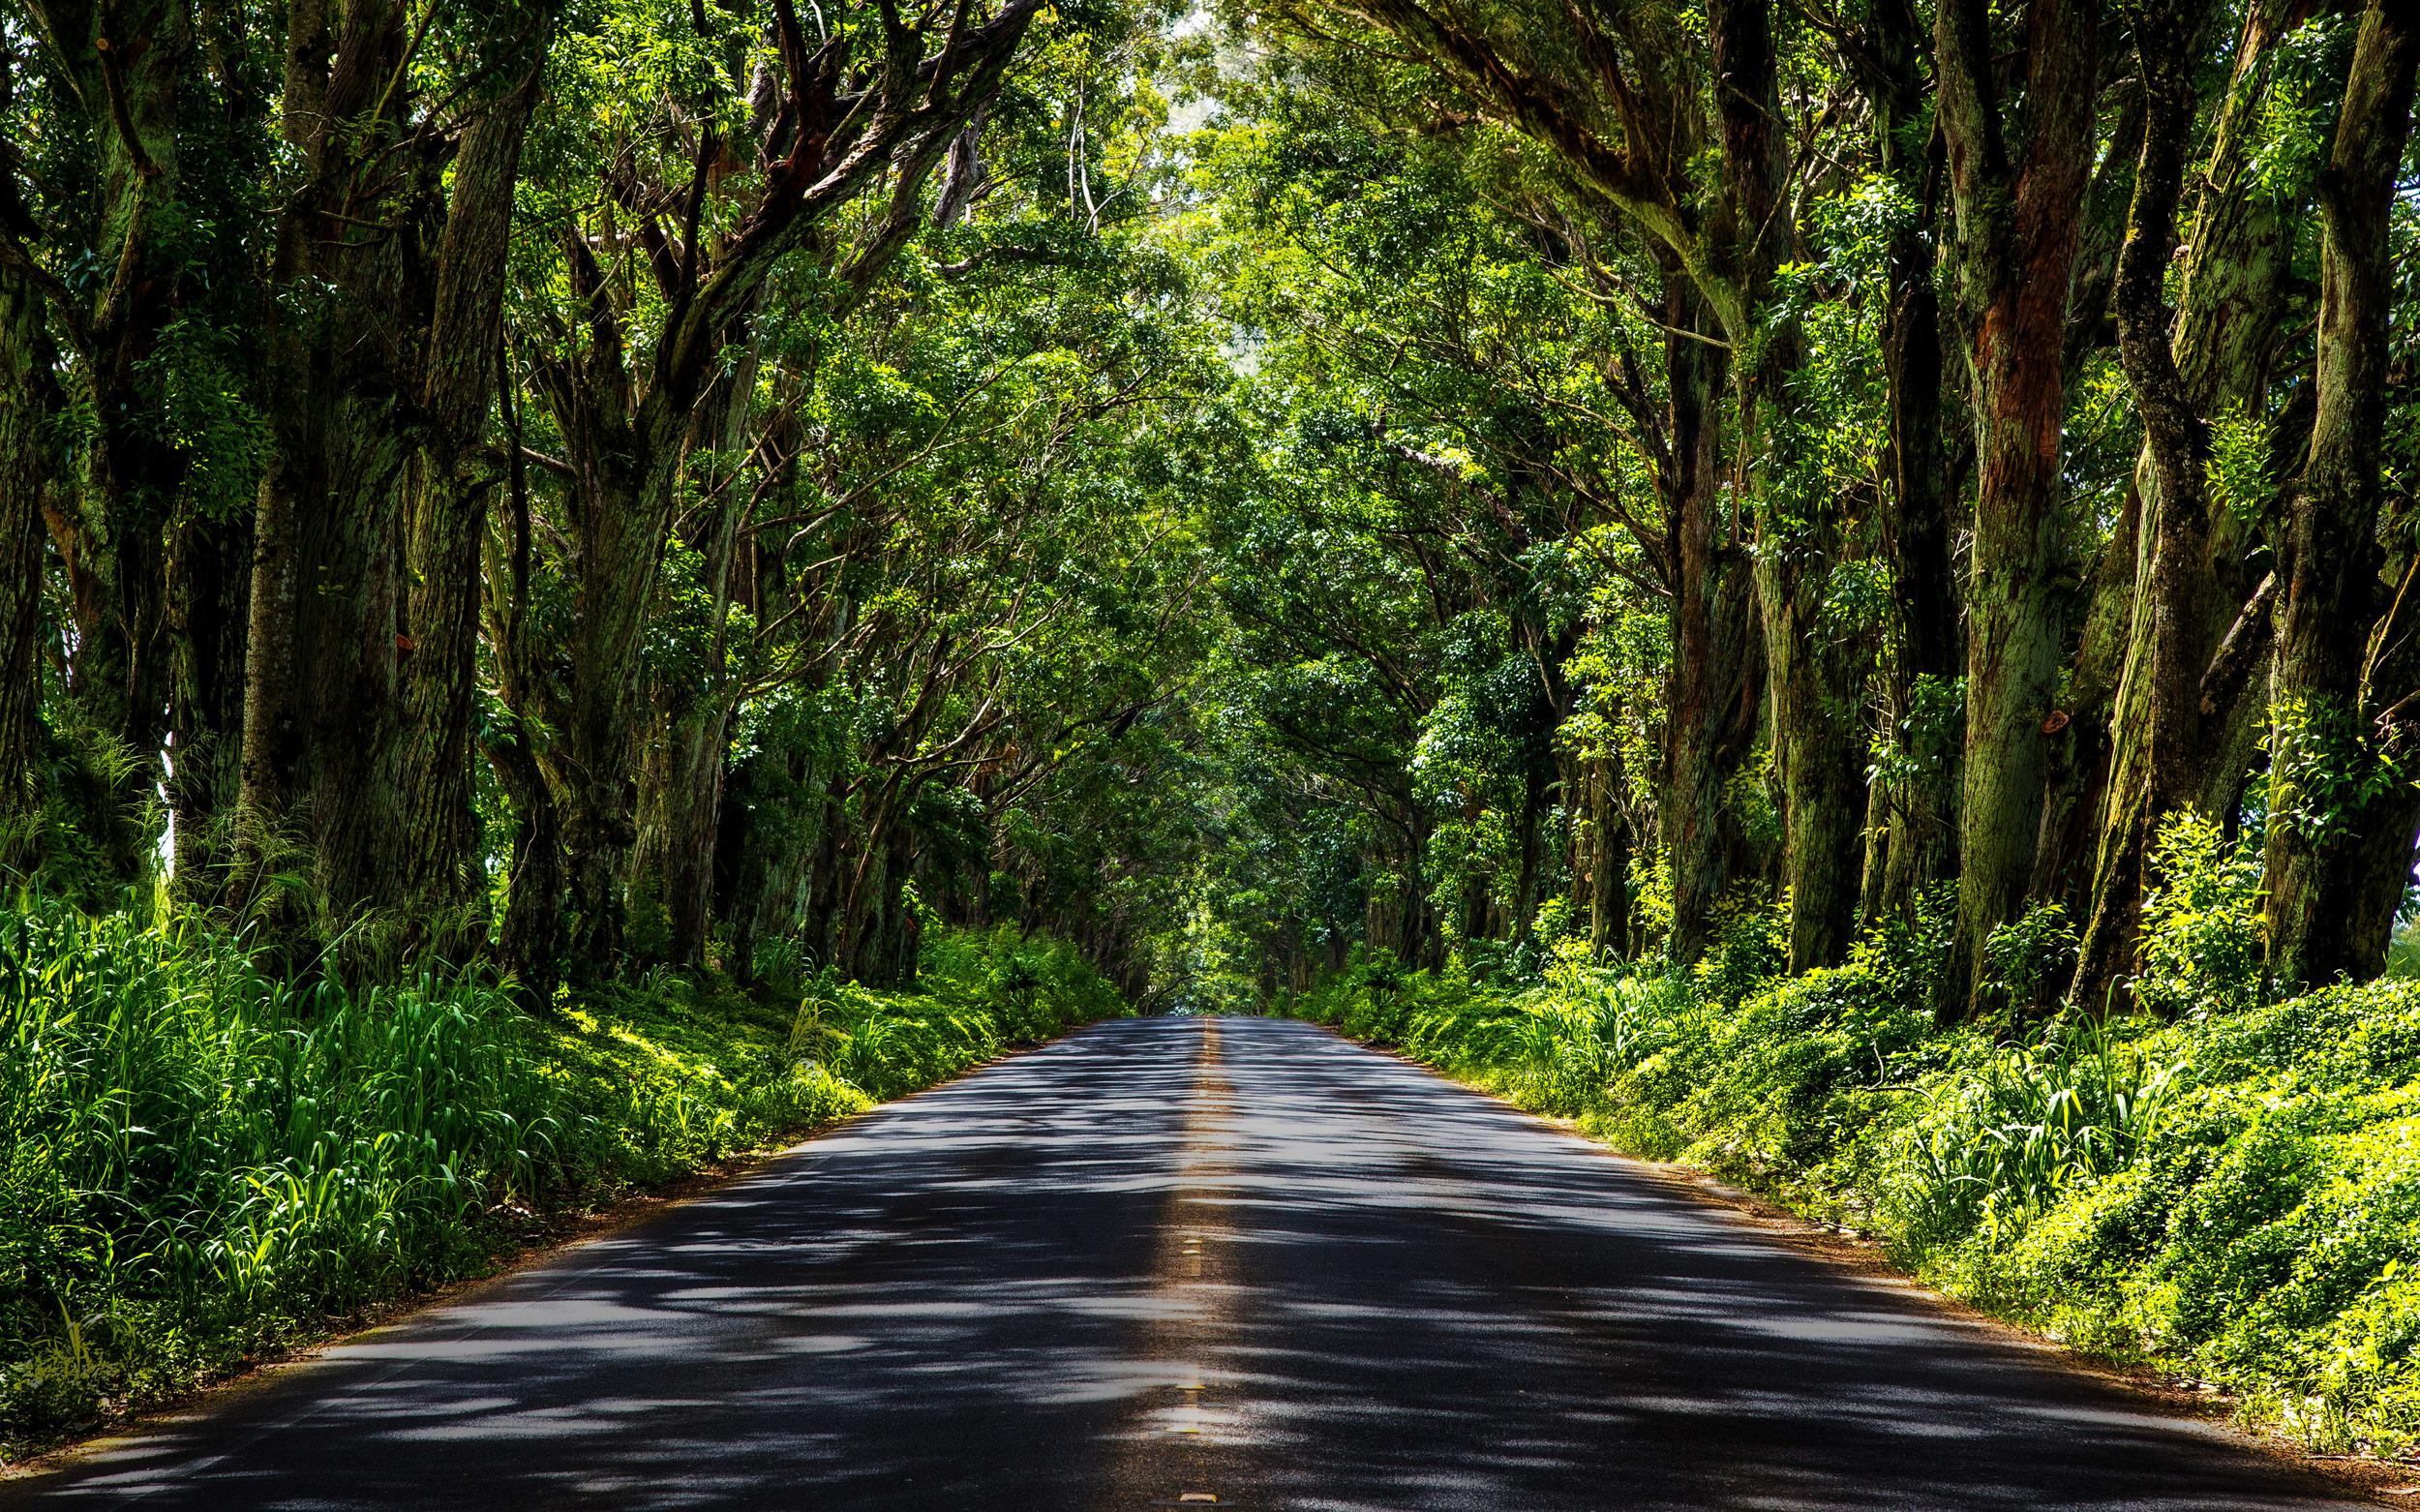 Tree Tunnel Road – Kauai